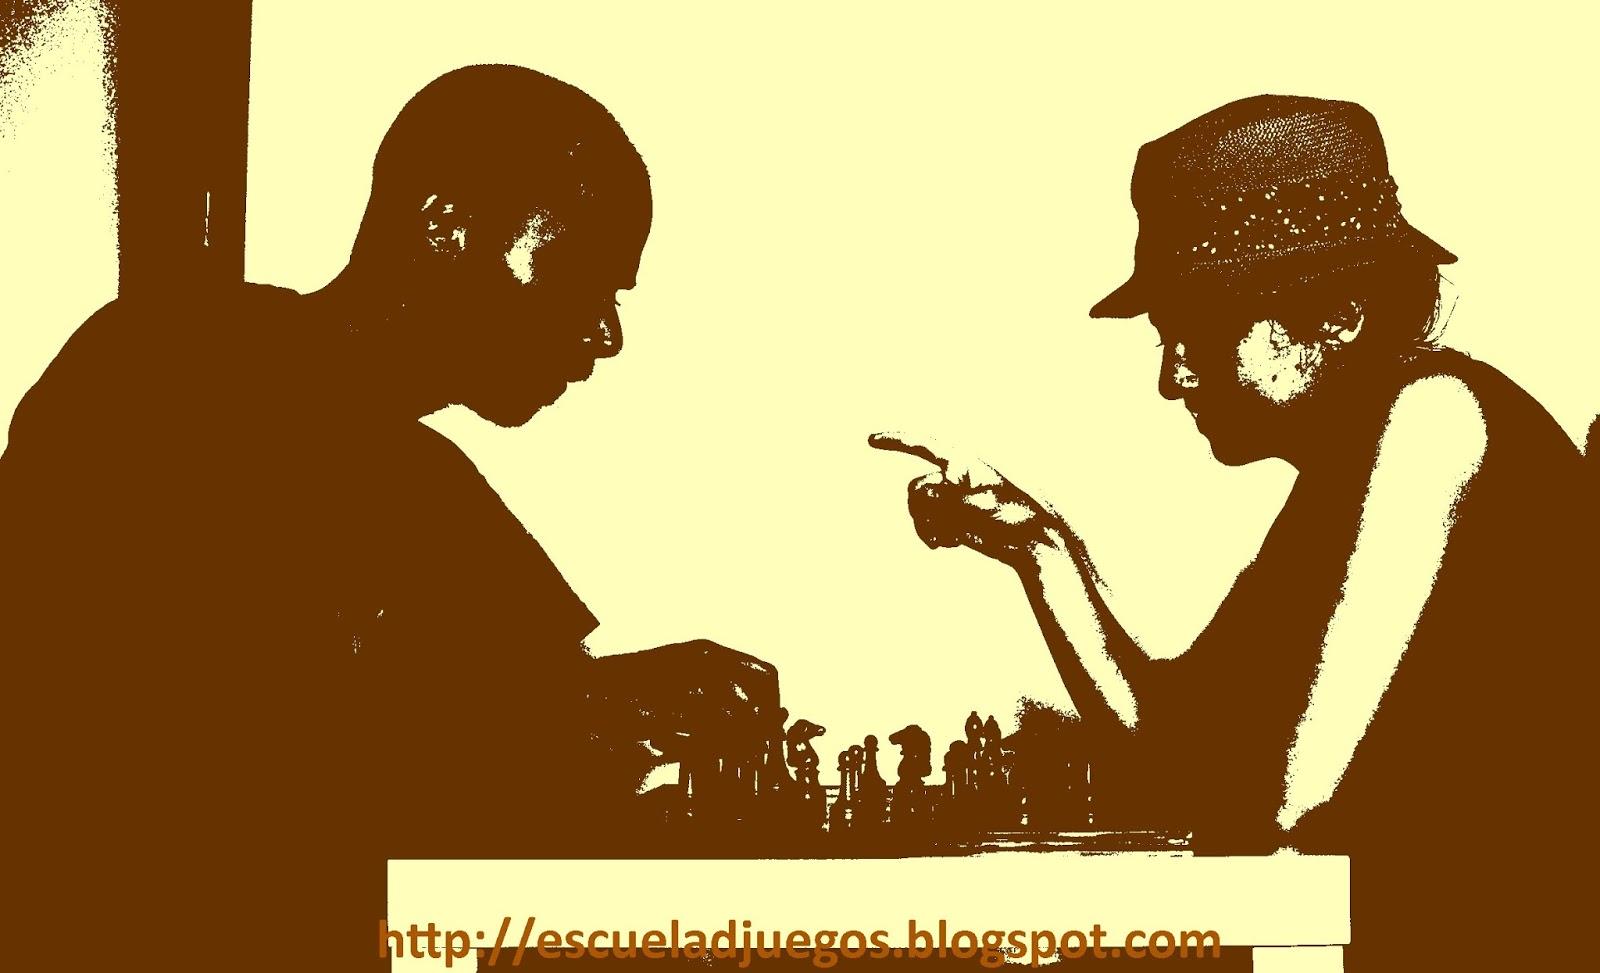 Consejos sobre juegos de mesa para empezar con buen pie en la afición.